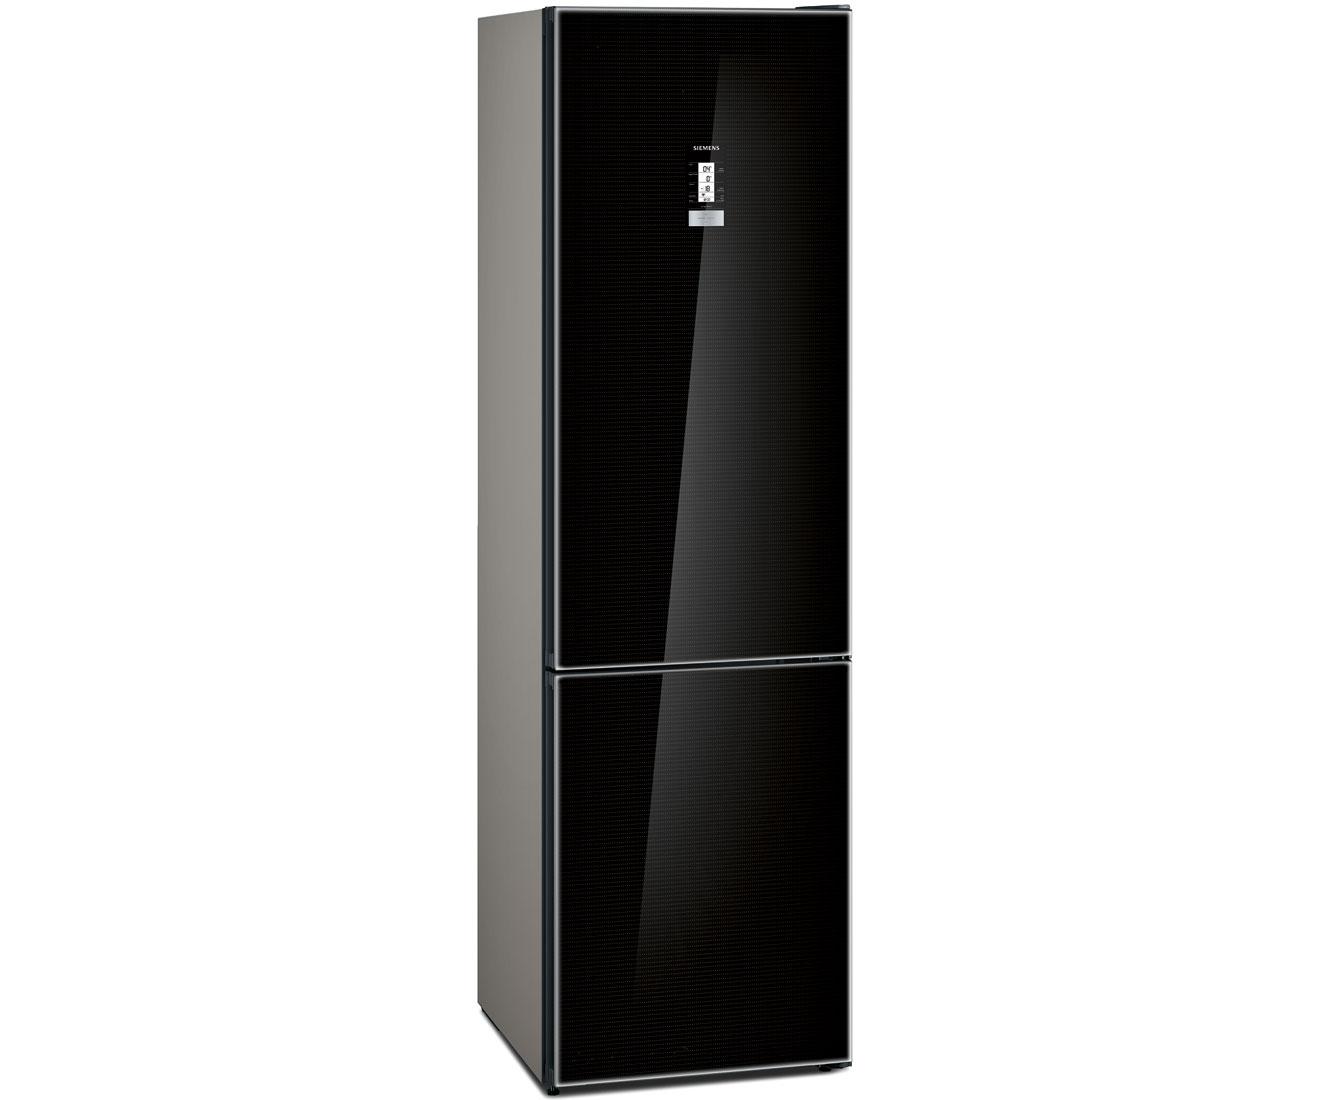 Siemens Kühlschrank Gefrierfach Abtauen : Siemens gefrier kühlschrank preisvergleich u die besten angebote